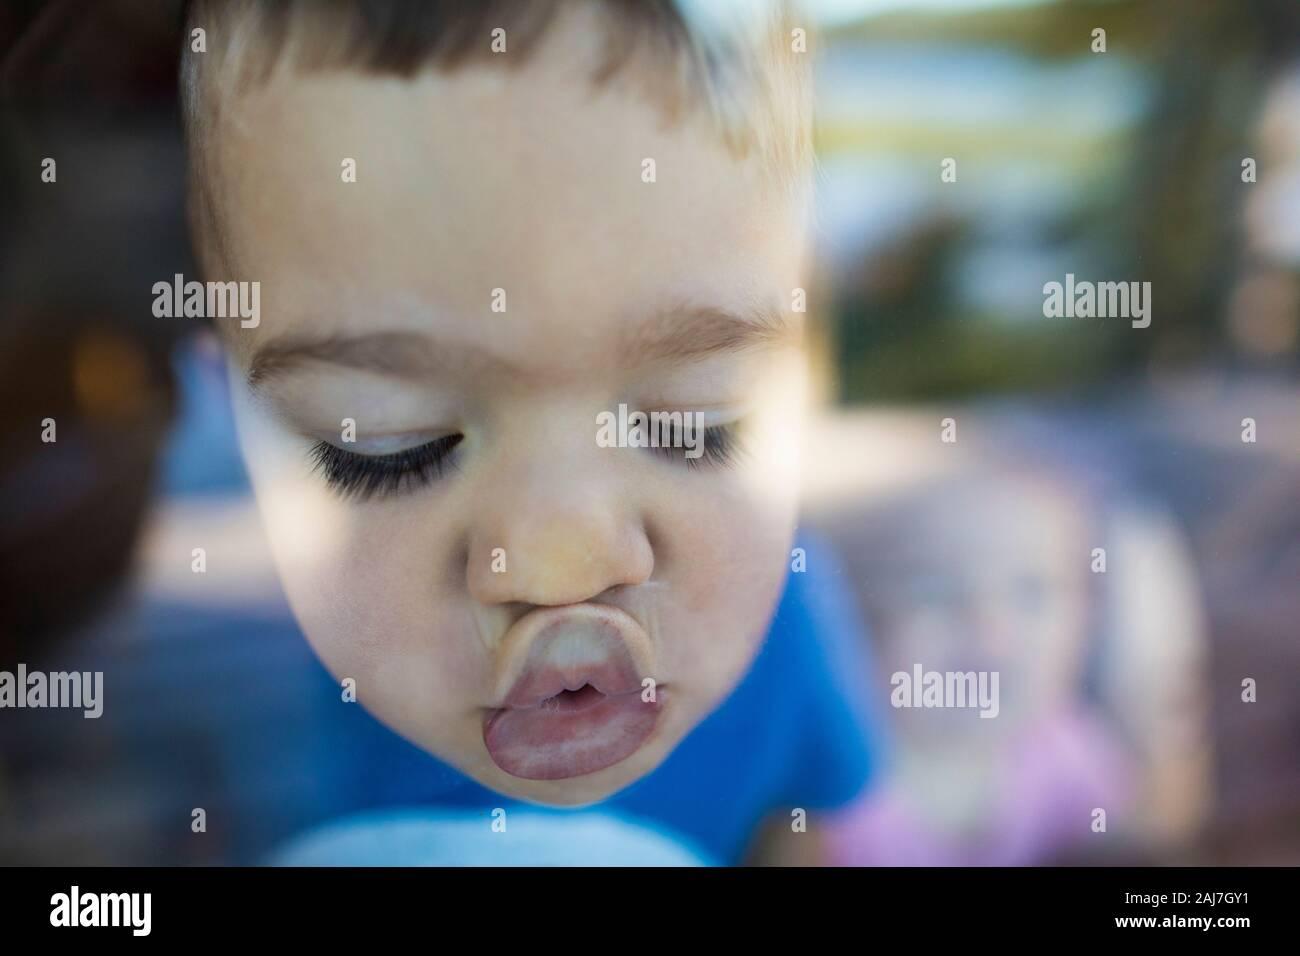 Un jeune garçon pousse ses lèvres contre une fenêtre pour faire un baiser Banque D'Images